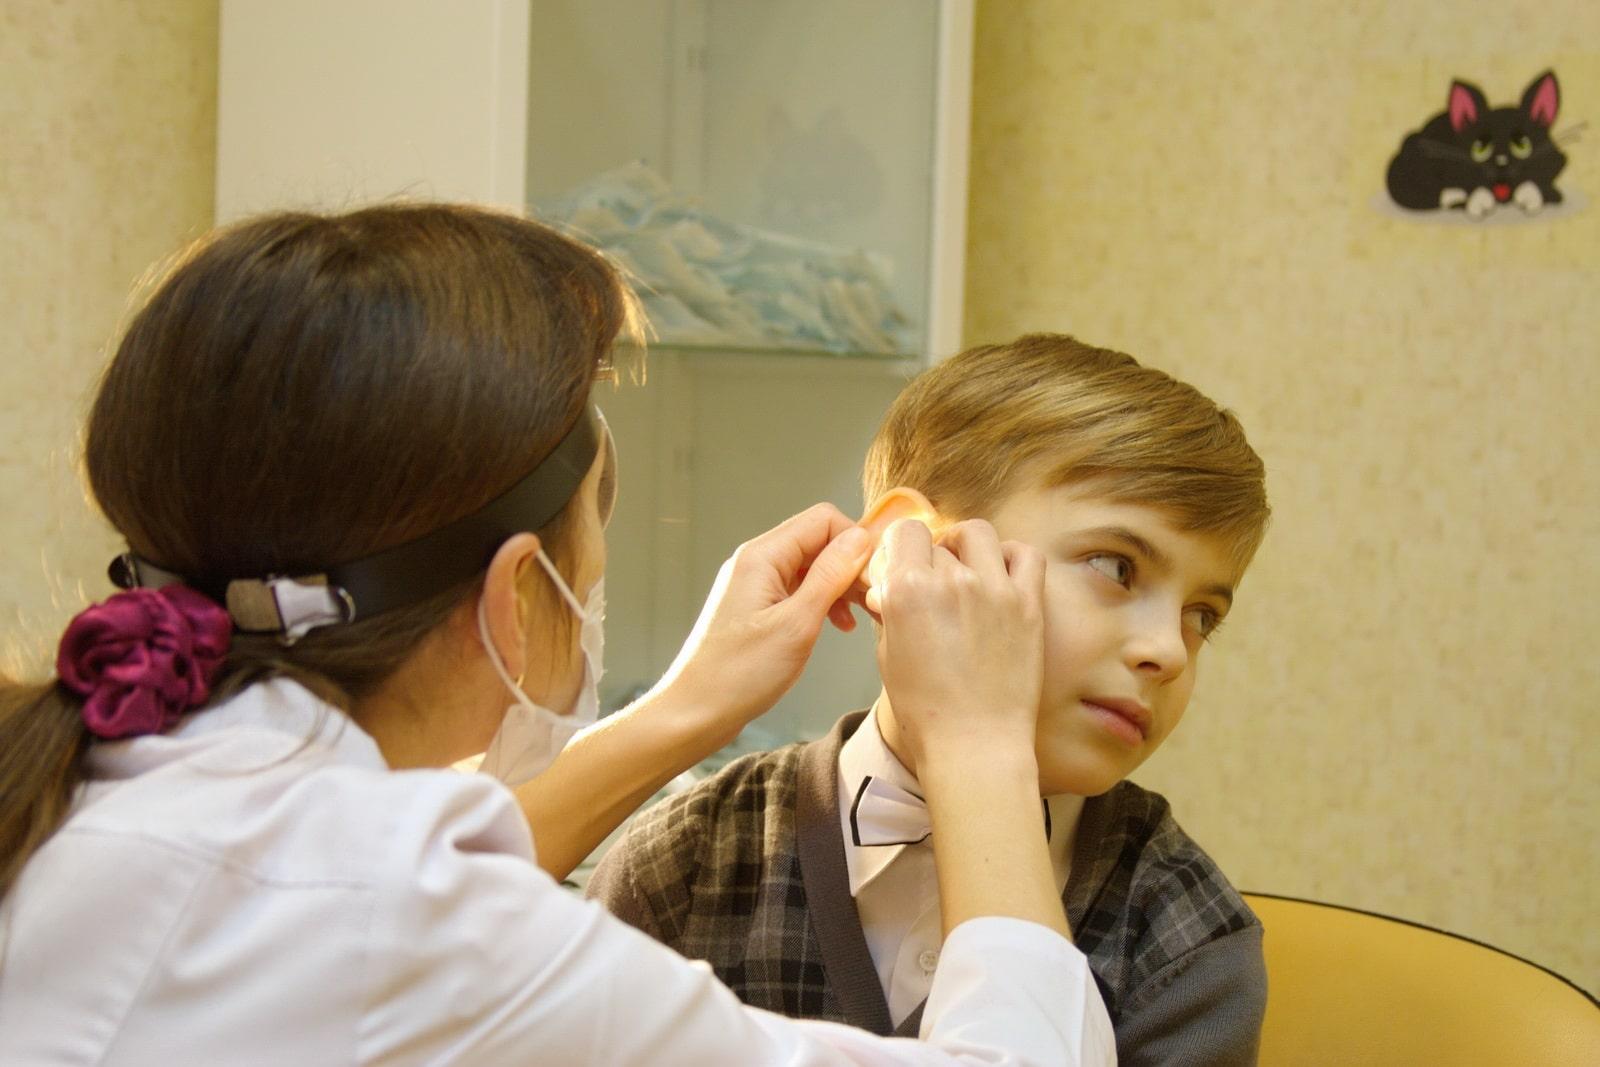 Інструкція щодо застосування вушних крапель «Кандибиотик» для дітей і дорослих та аналоги. Кандибиотик